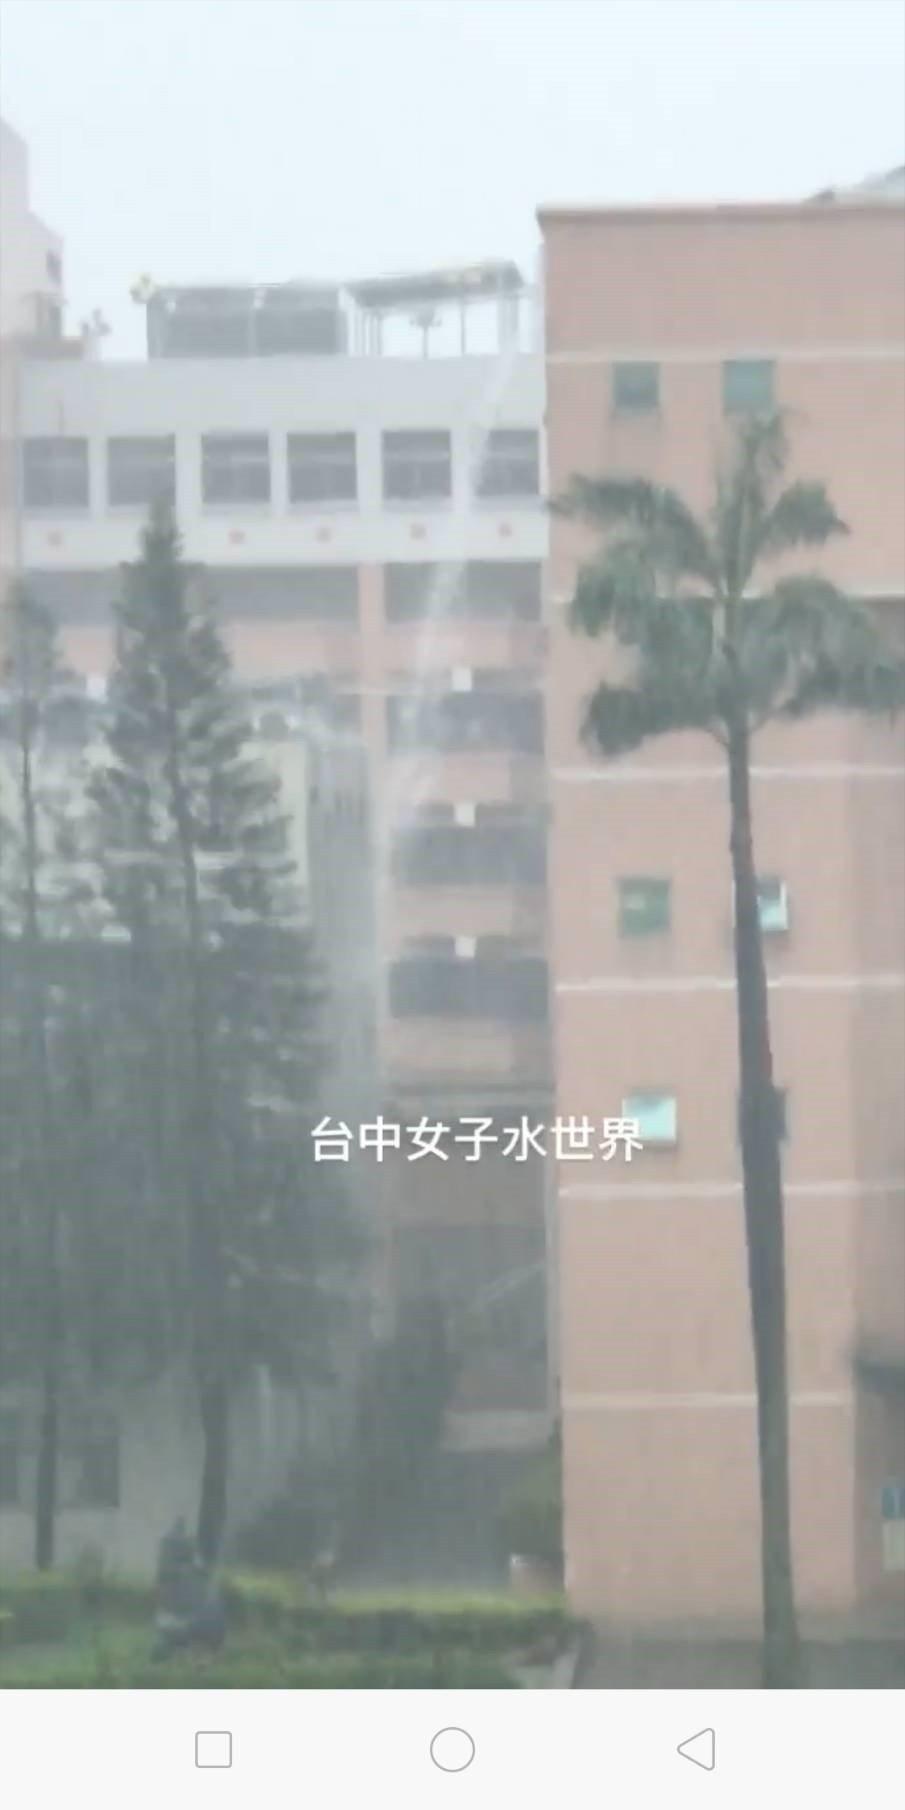 台中市5月20日降下豪大雨,台中女中校園變成「水世界」,學生在網路上貼出「近日因...